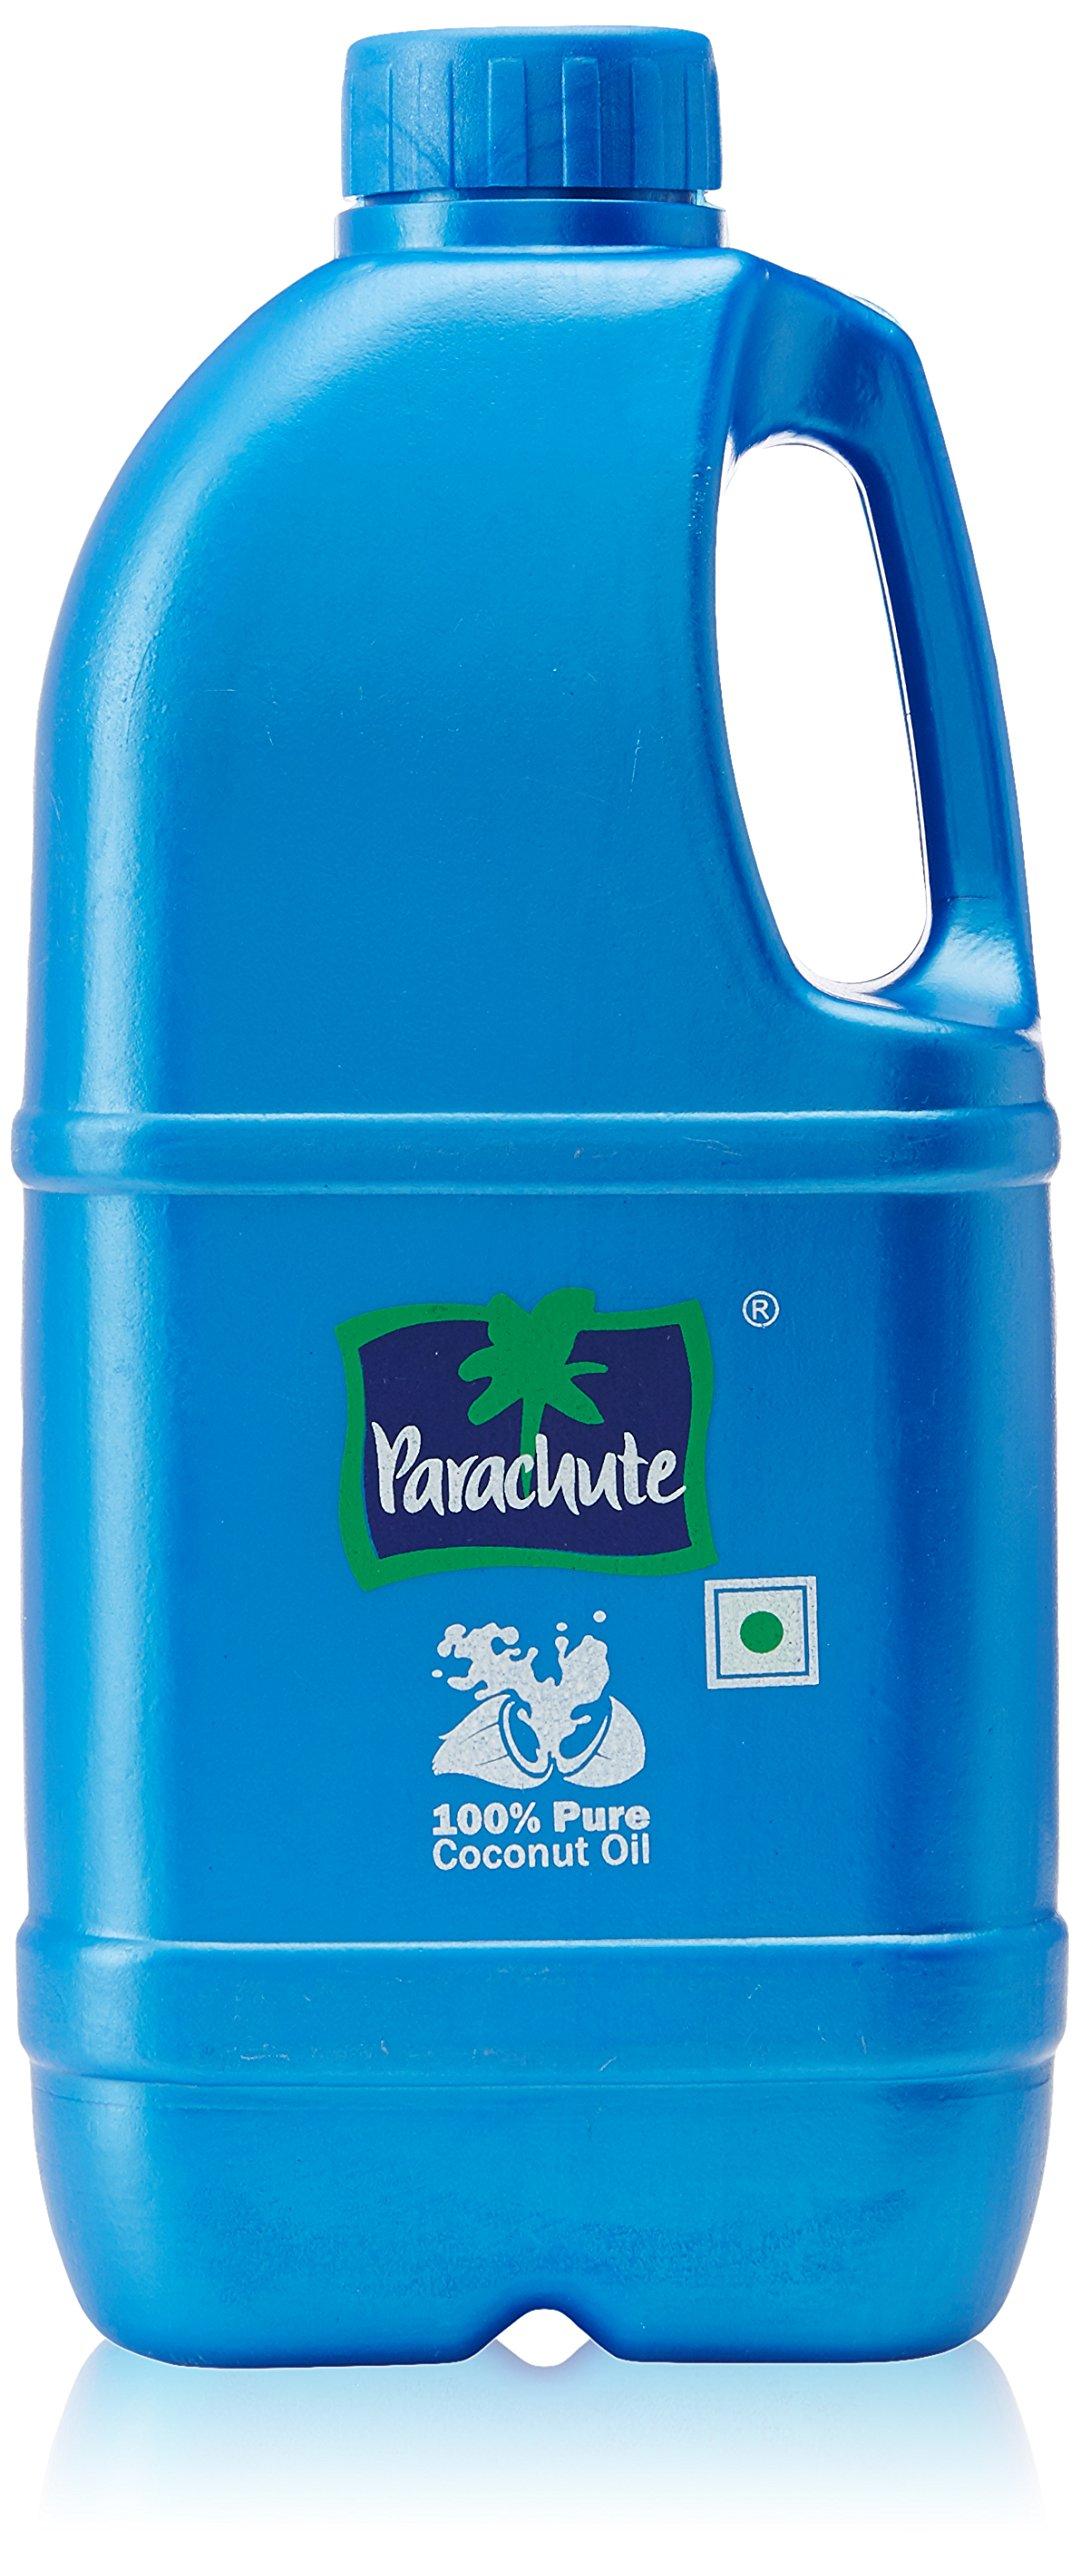 Parachute Coconut Oil, 1 L product image